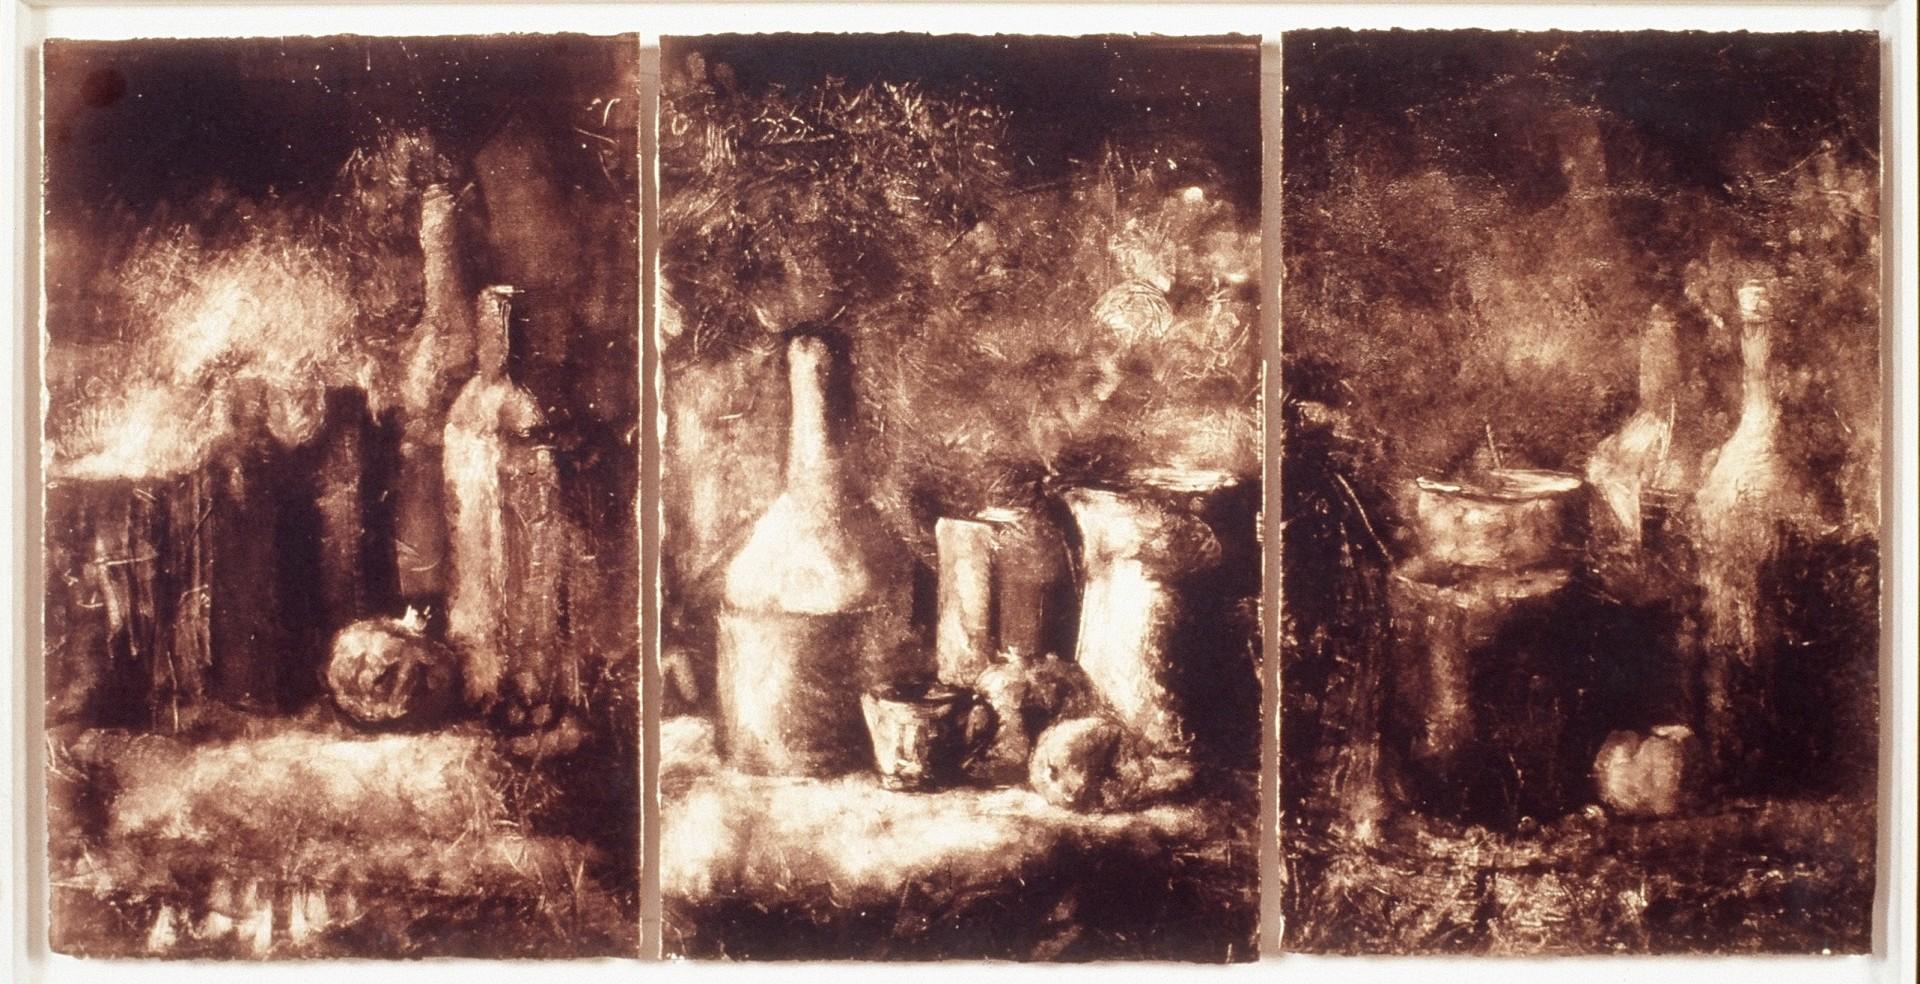 Virginia Isbell Scènes d'atelier